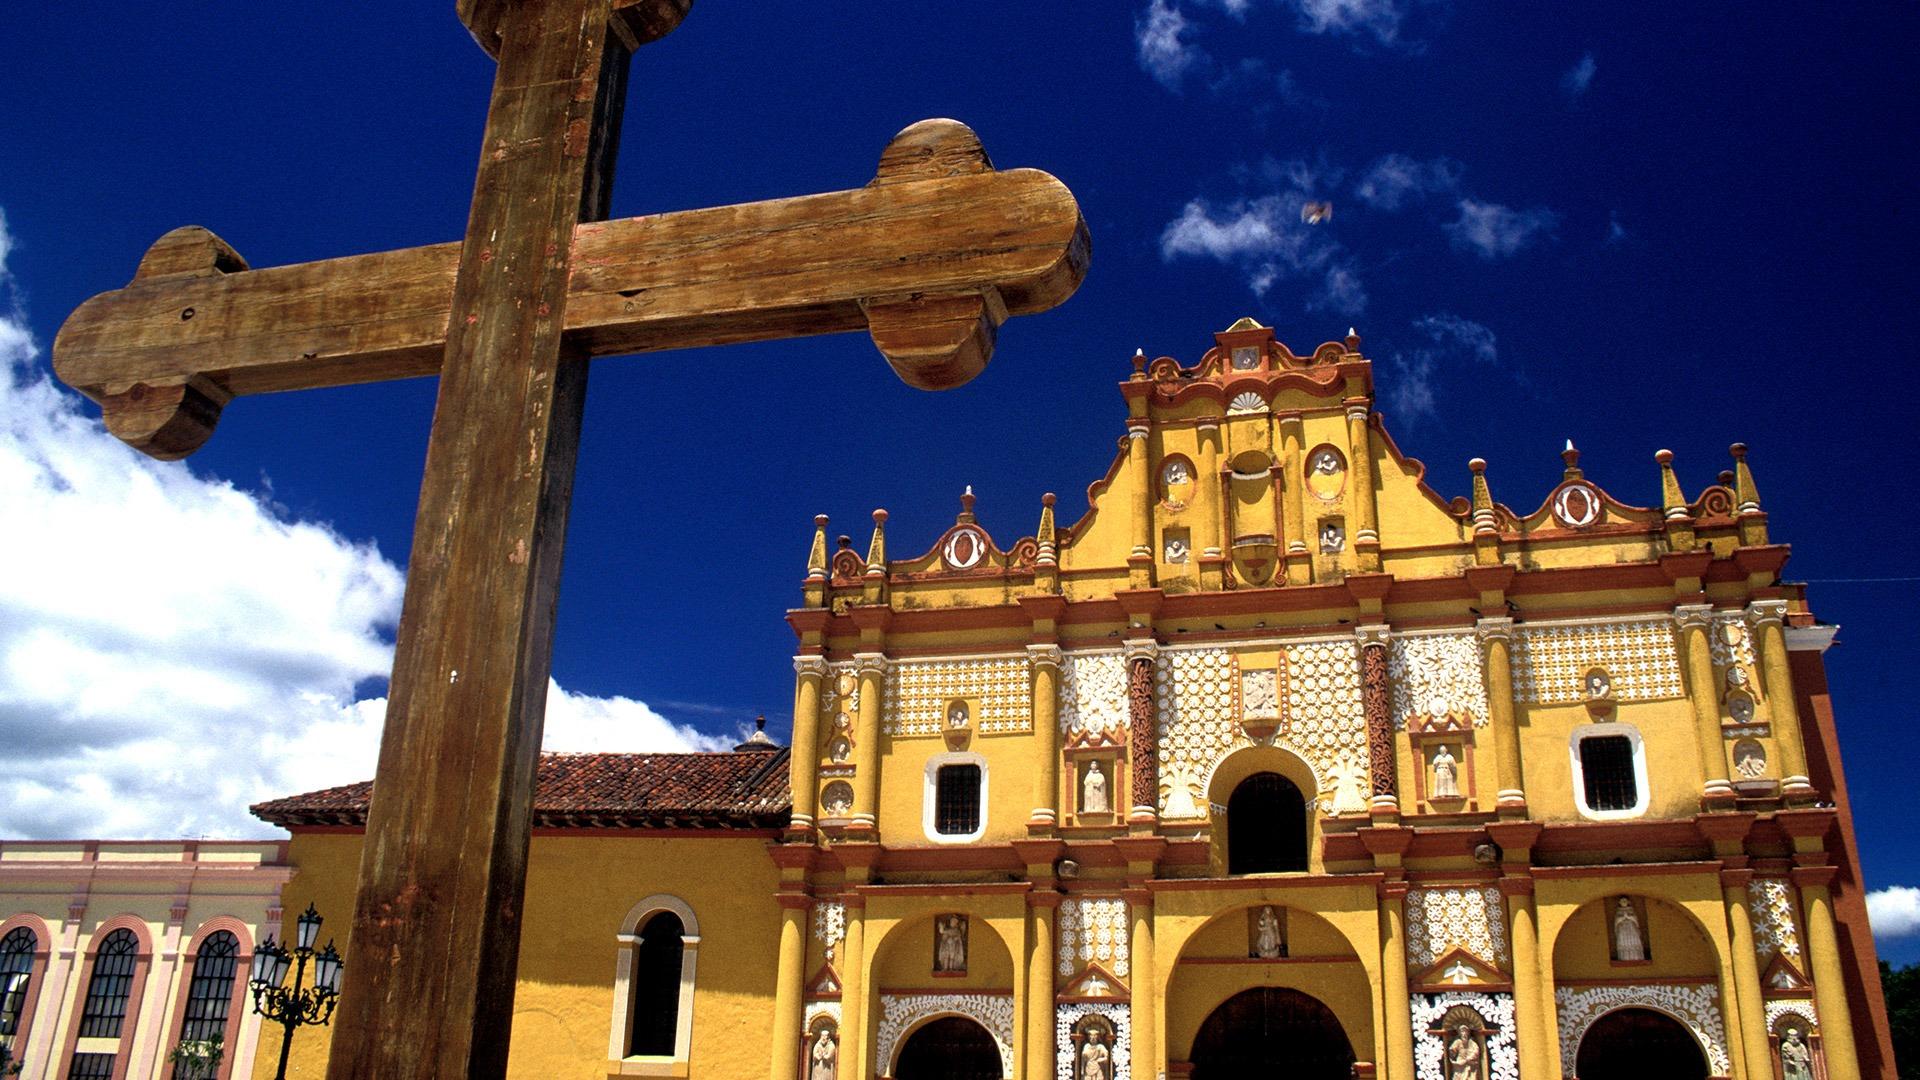 Cross and cathedral in San Cristobal de las Casas, Mexico